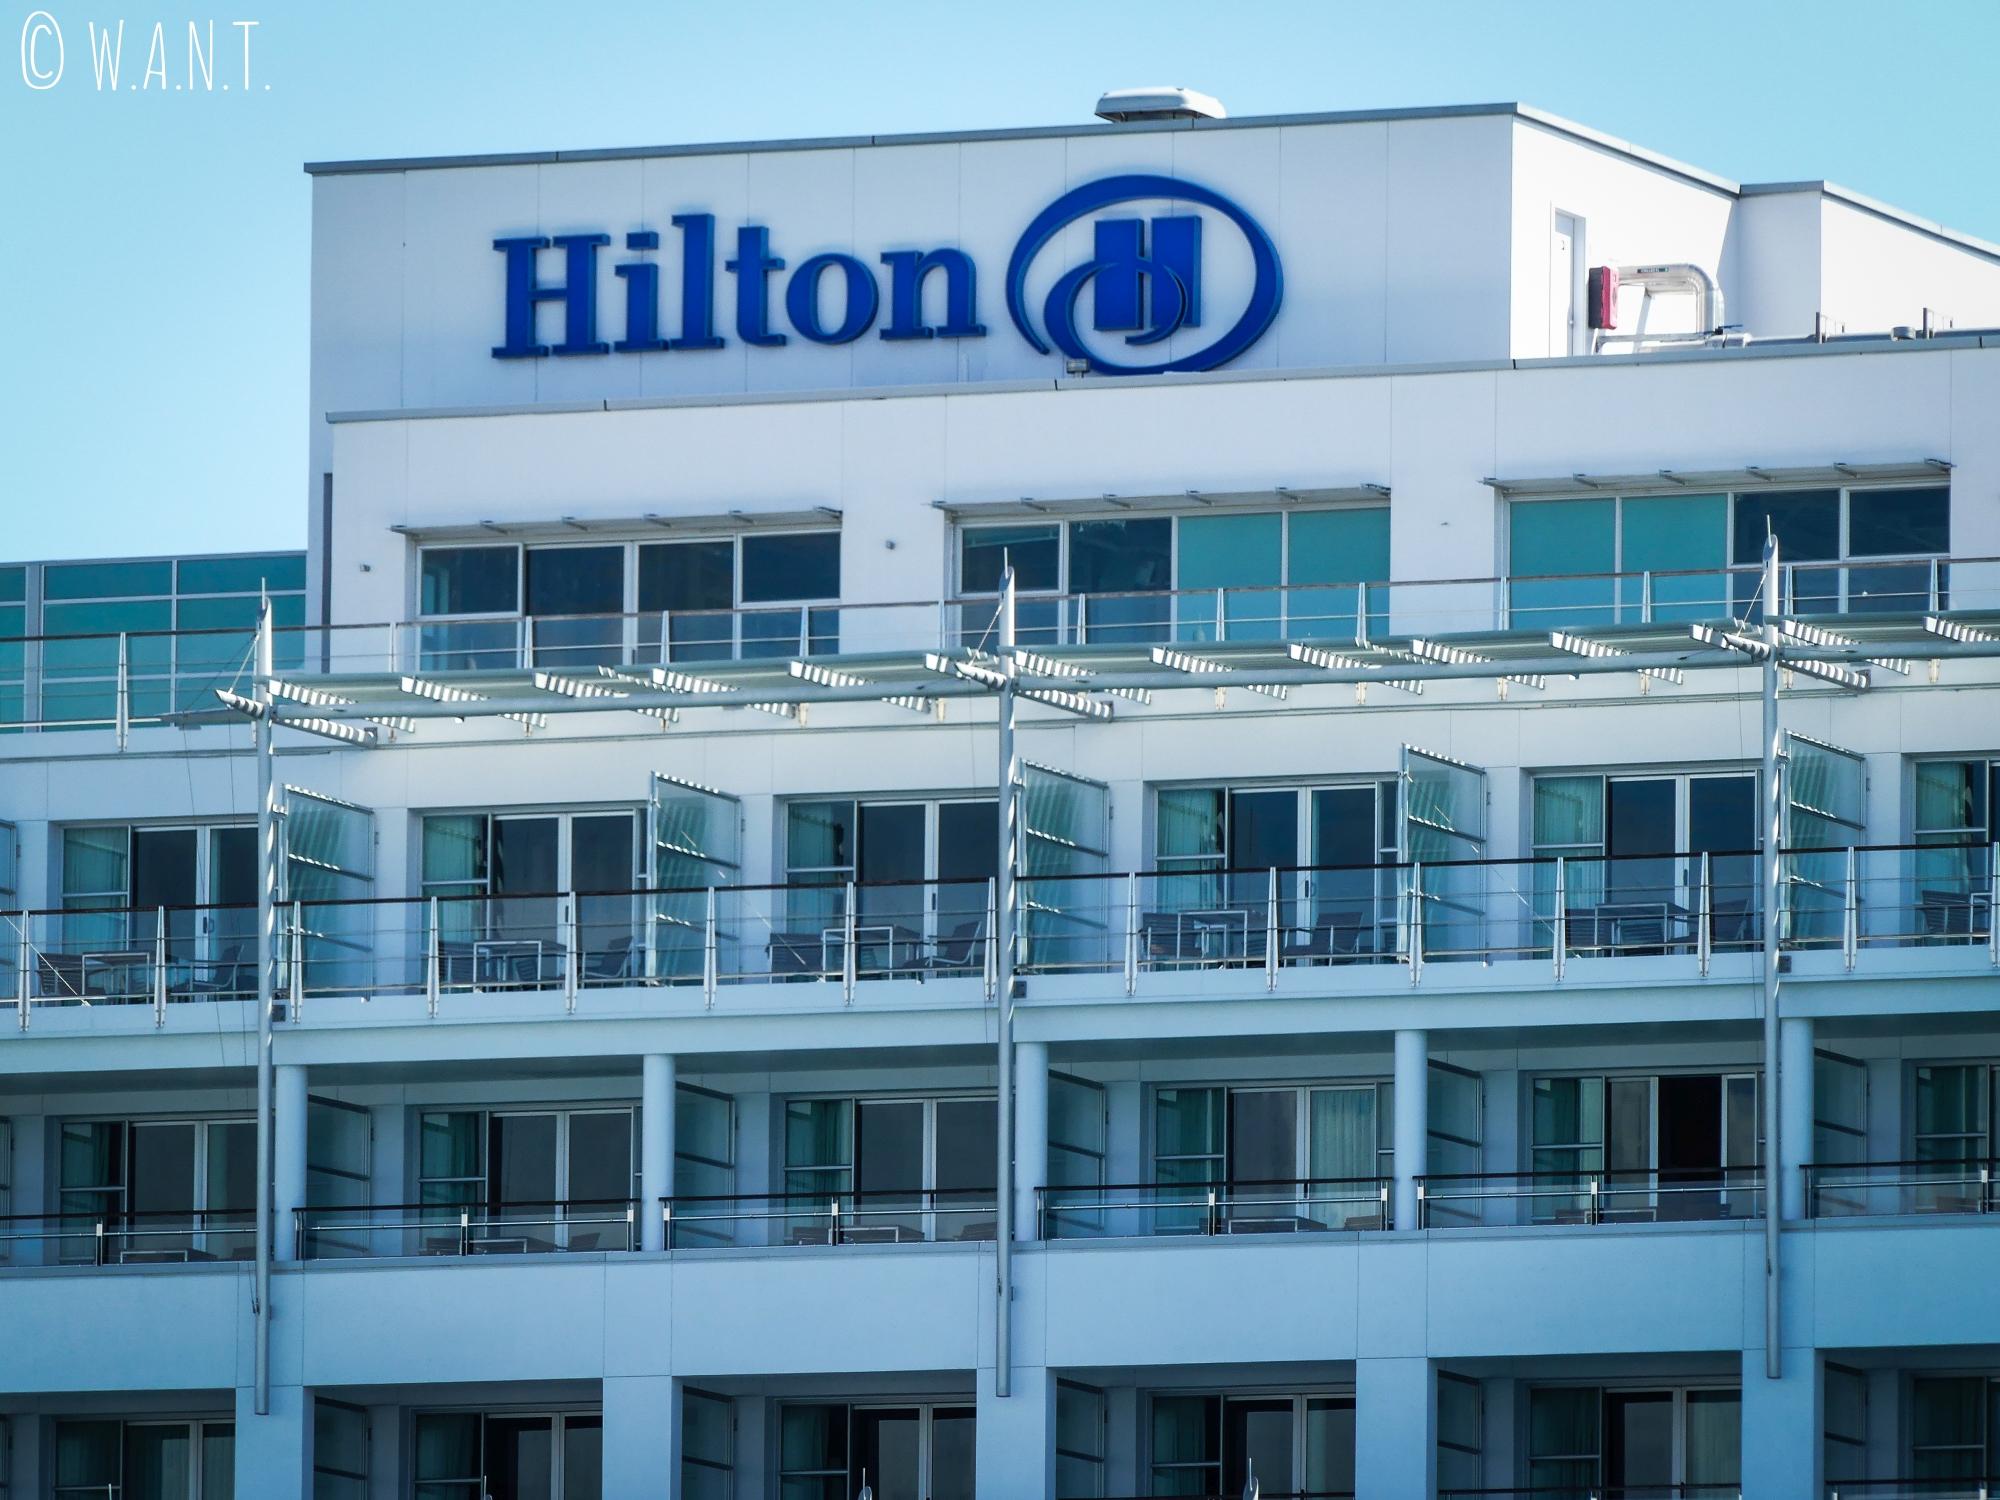 L'hôtel Hilton de Auckland, situé sur les docks de la ville